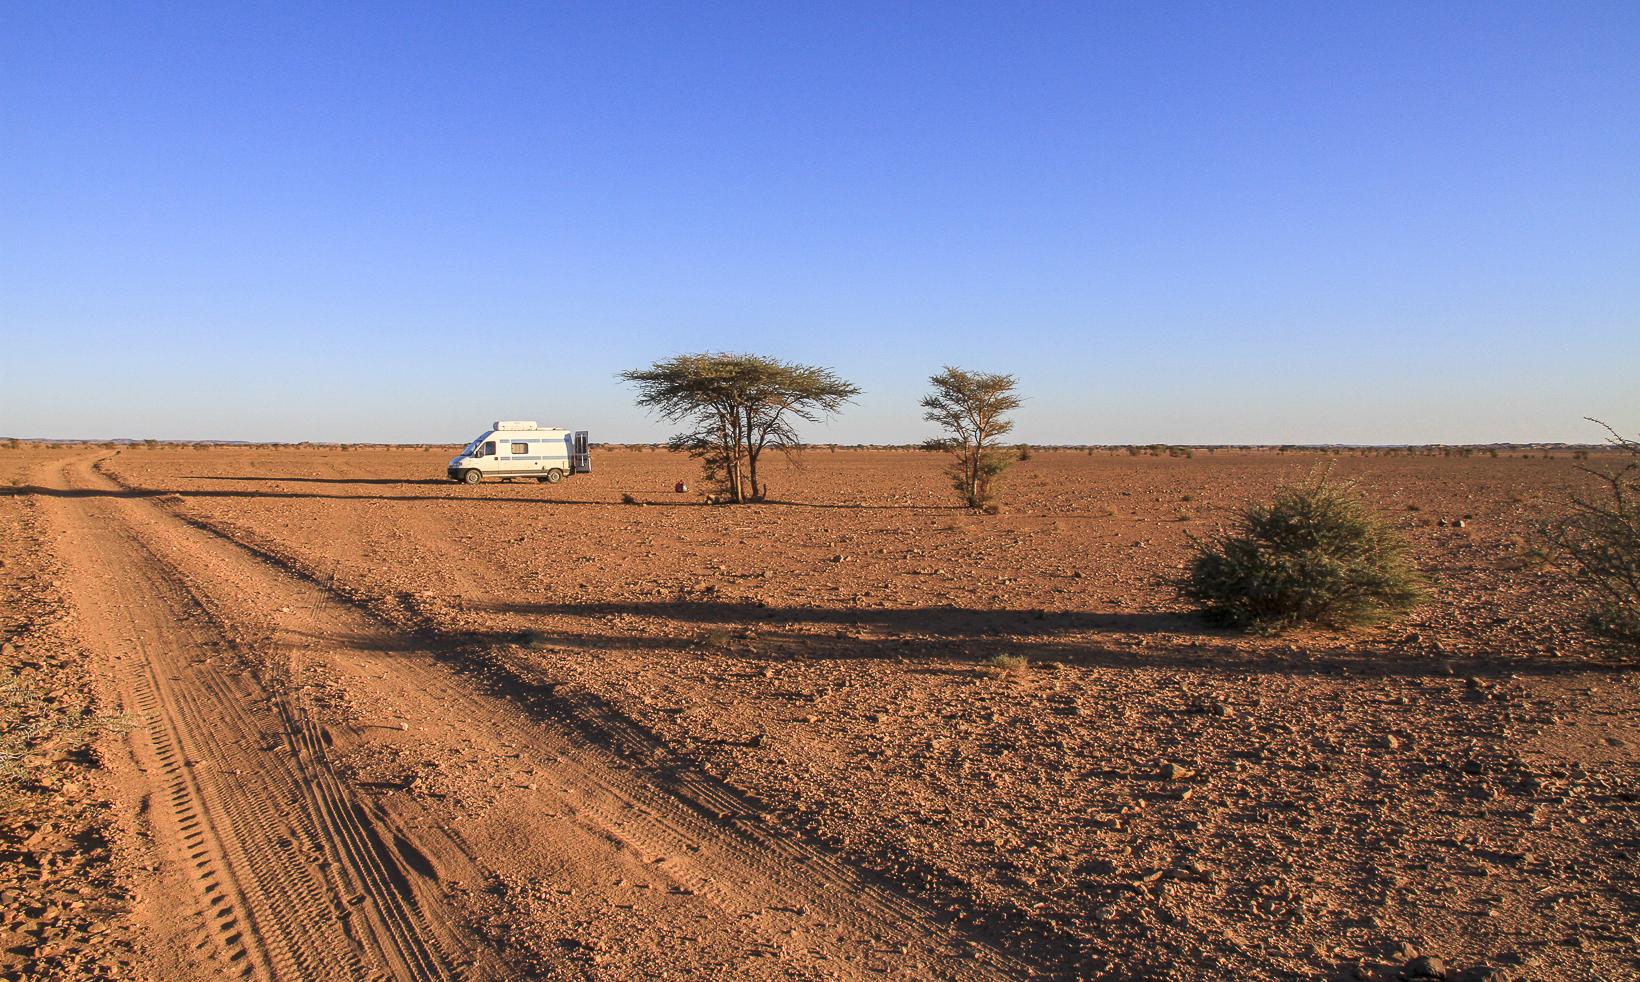 Dormir sur le bord d'une piste, au milieu du désert, à quelques kilomètres de Mhamid au Maroc.